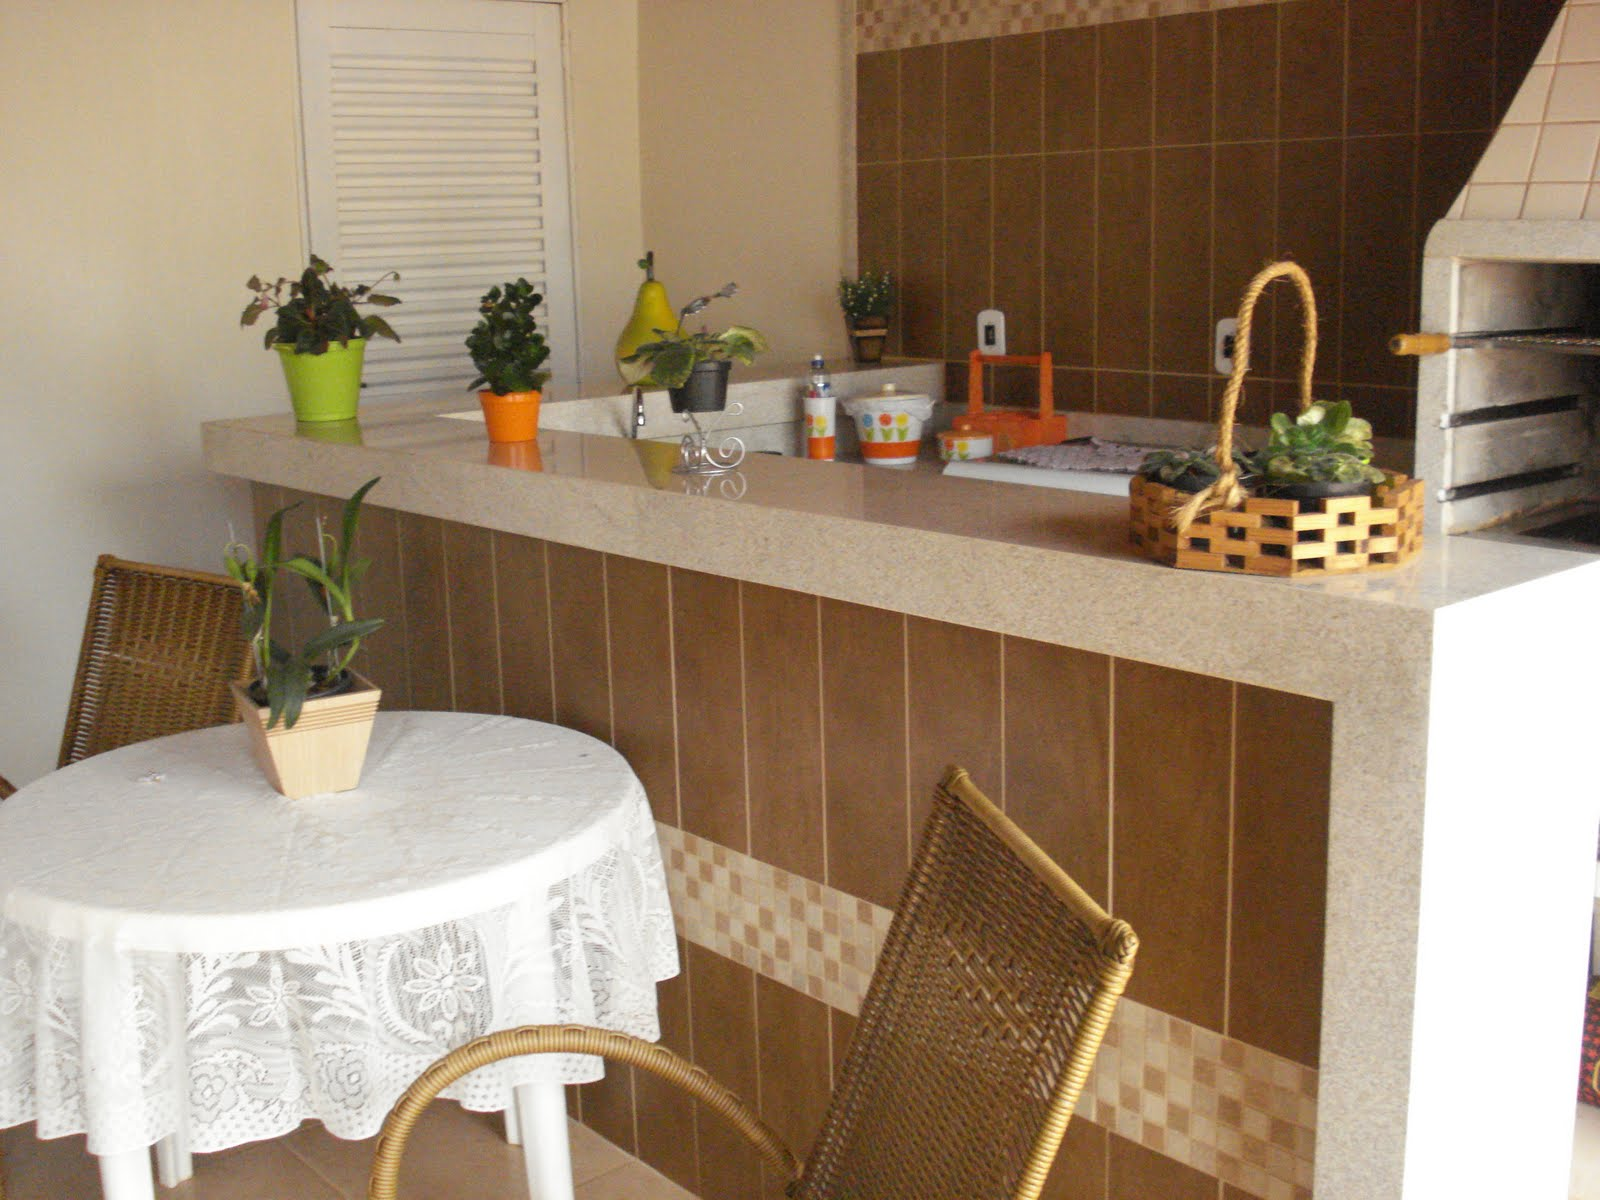 Cozinhas Com Balcao 7 Car Interior Design #92A229 1600x1200 Balcão Para Banheiro